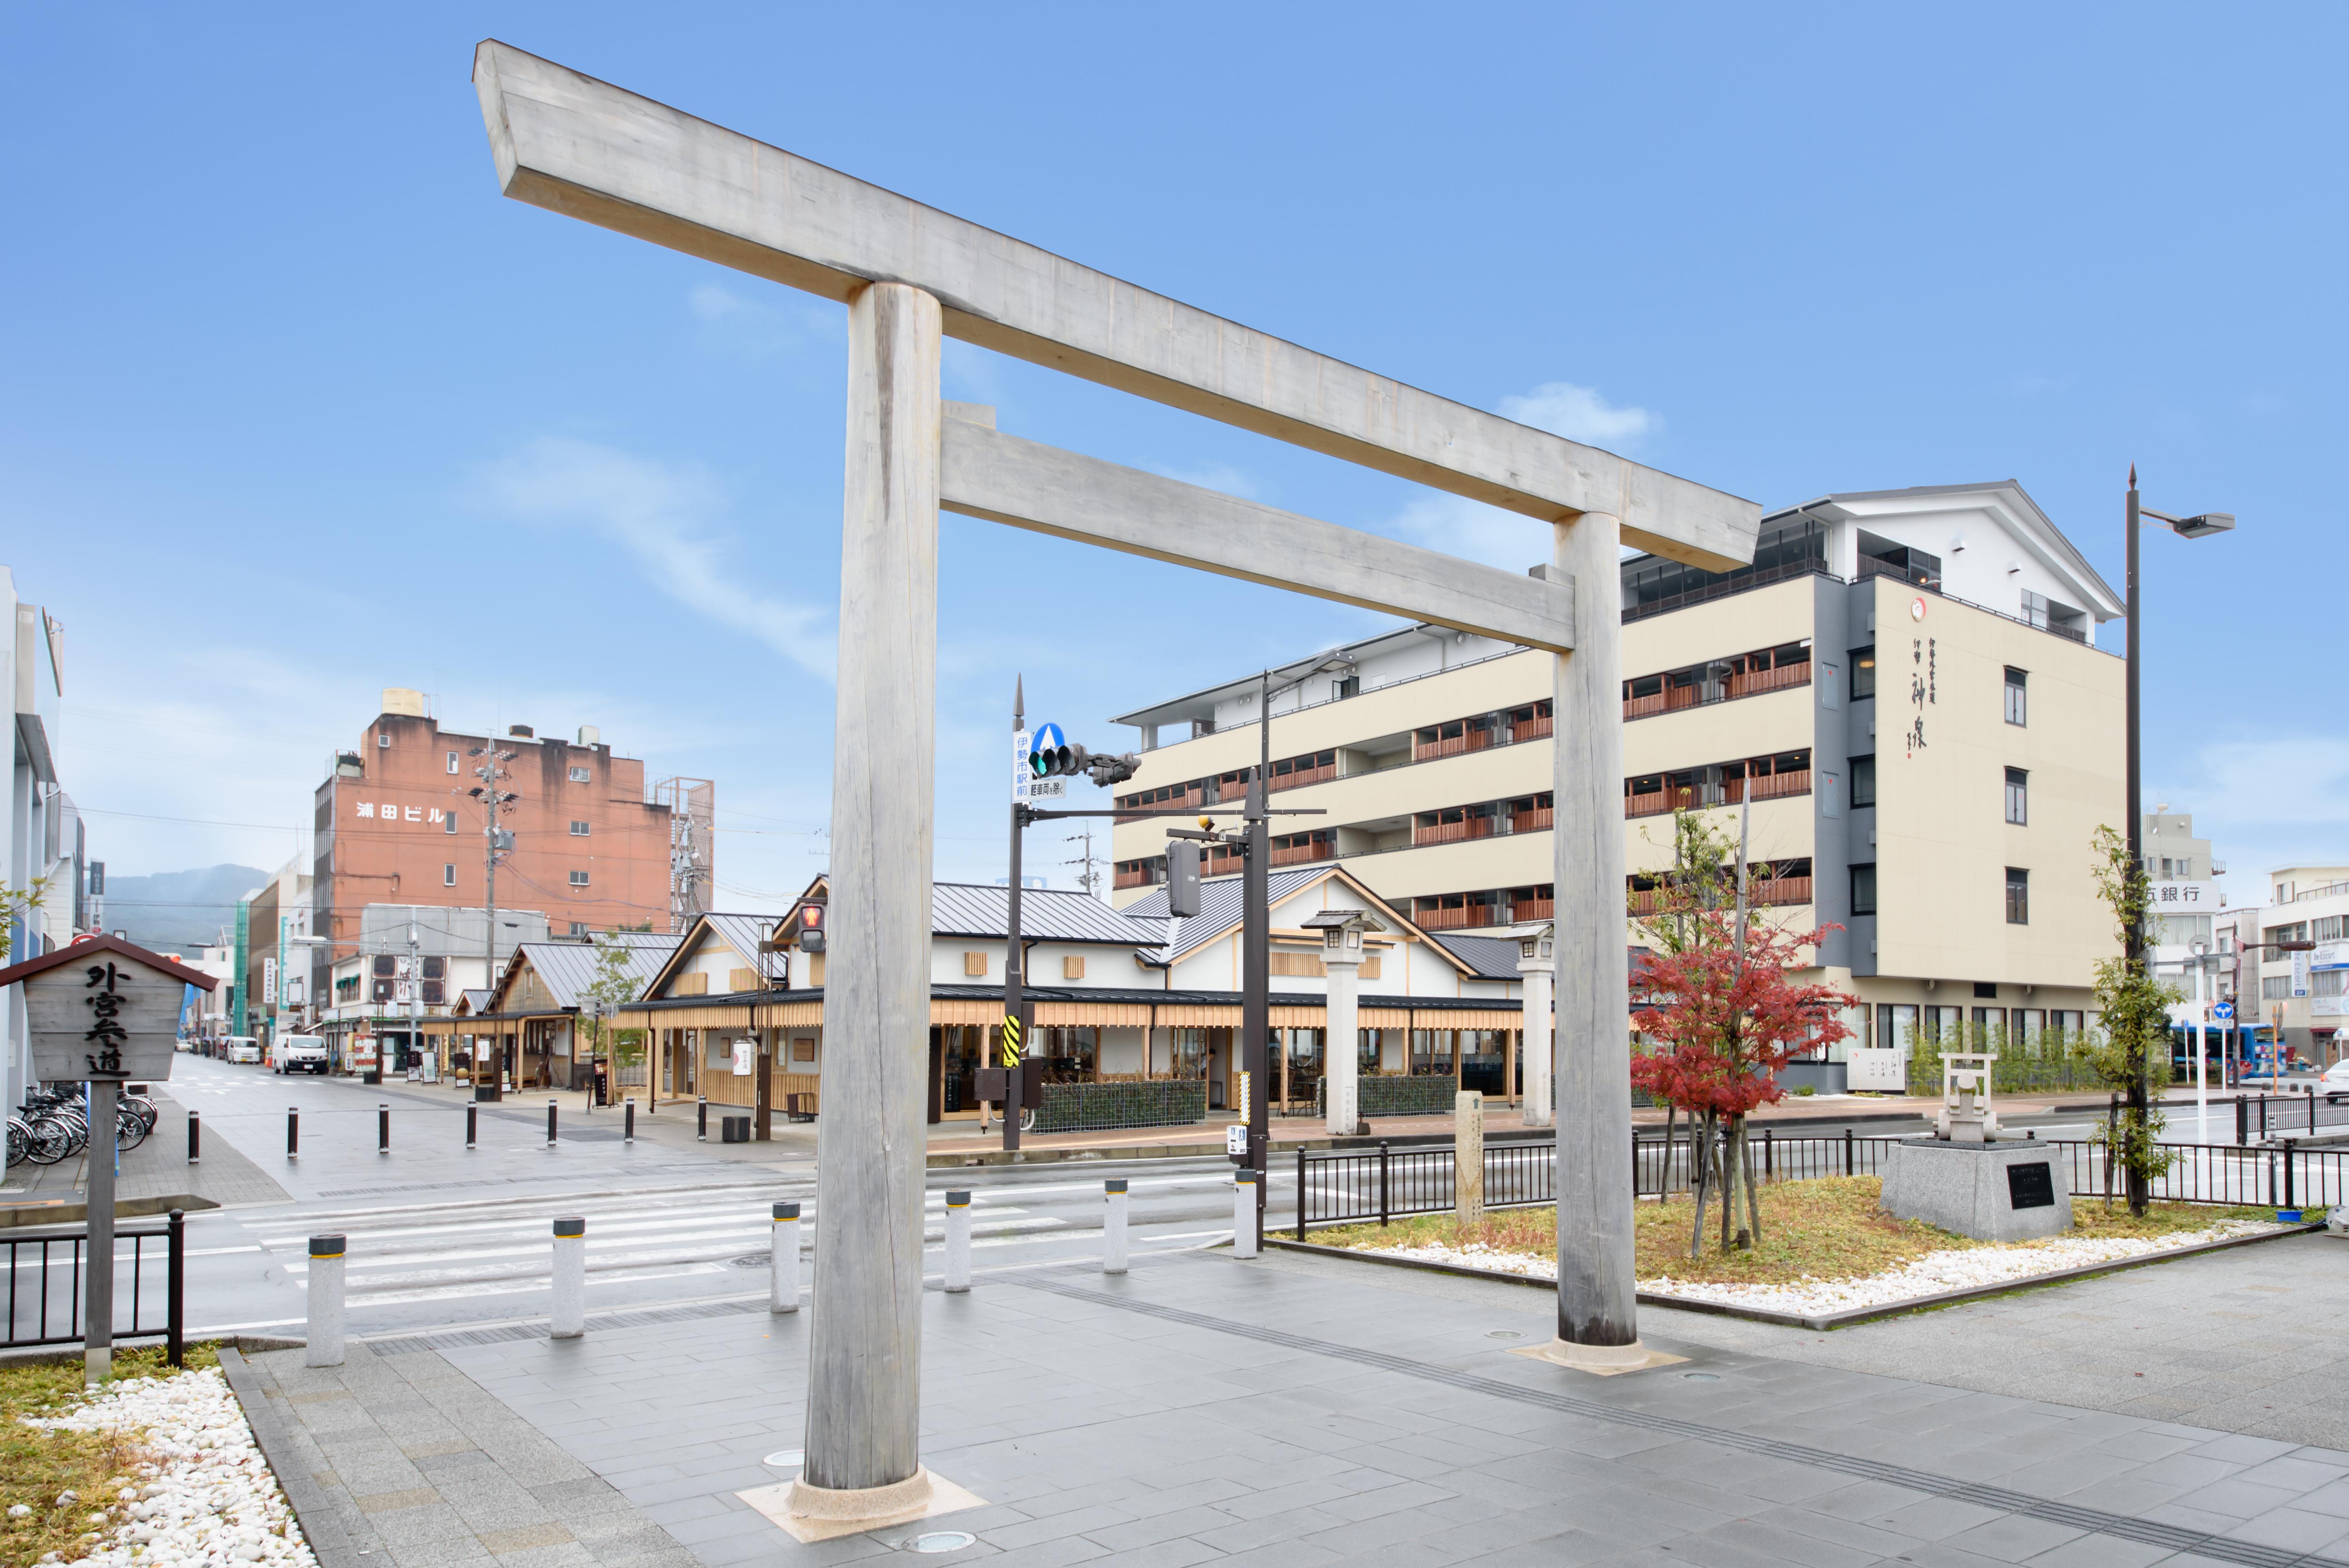 伊勢神泉は温泉が人気!おすすめの客室やレストランを紹介!